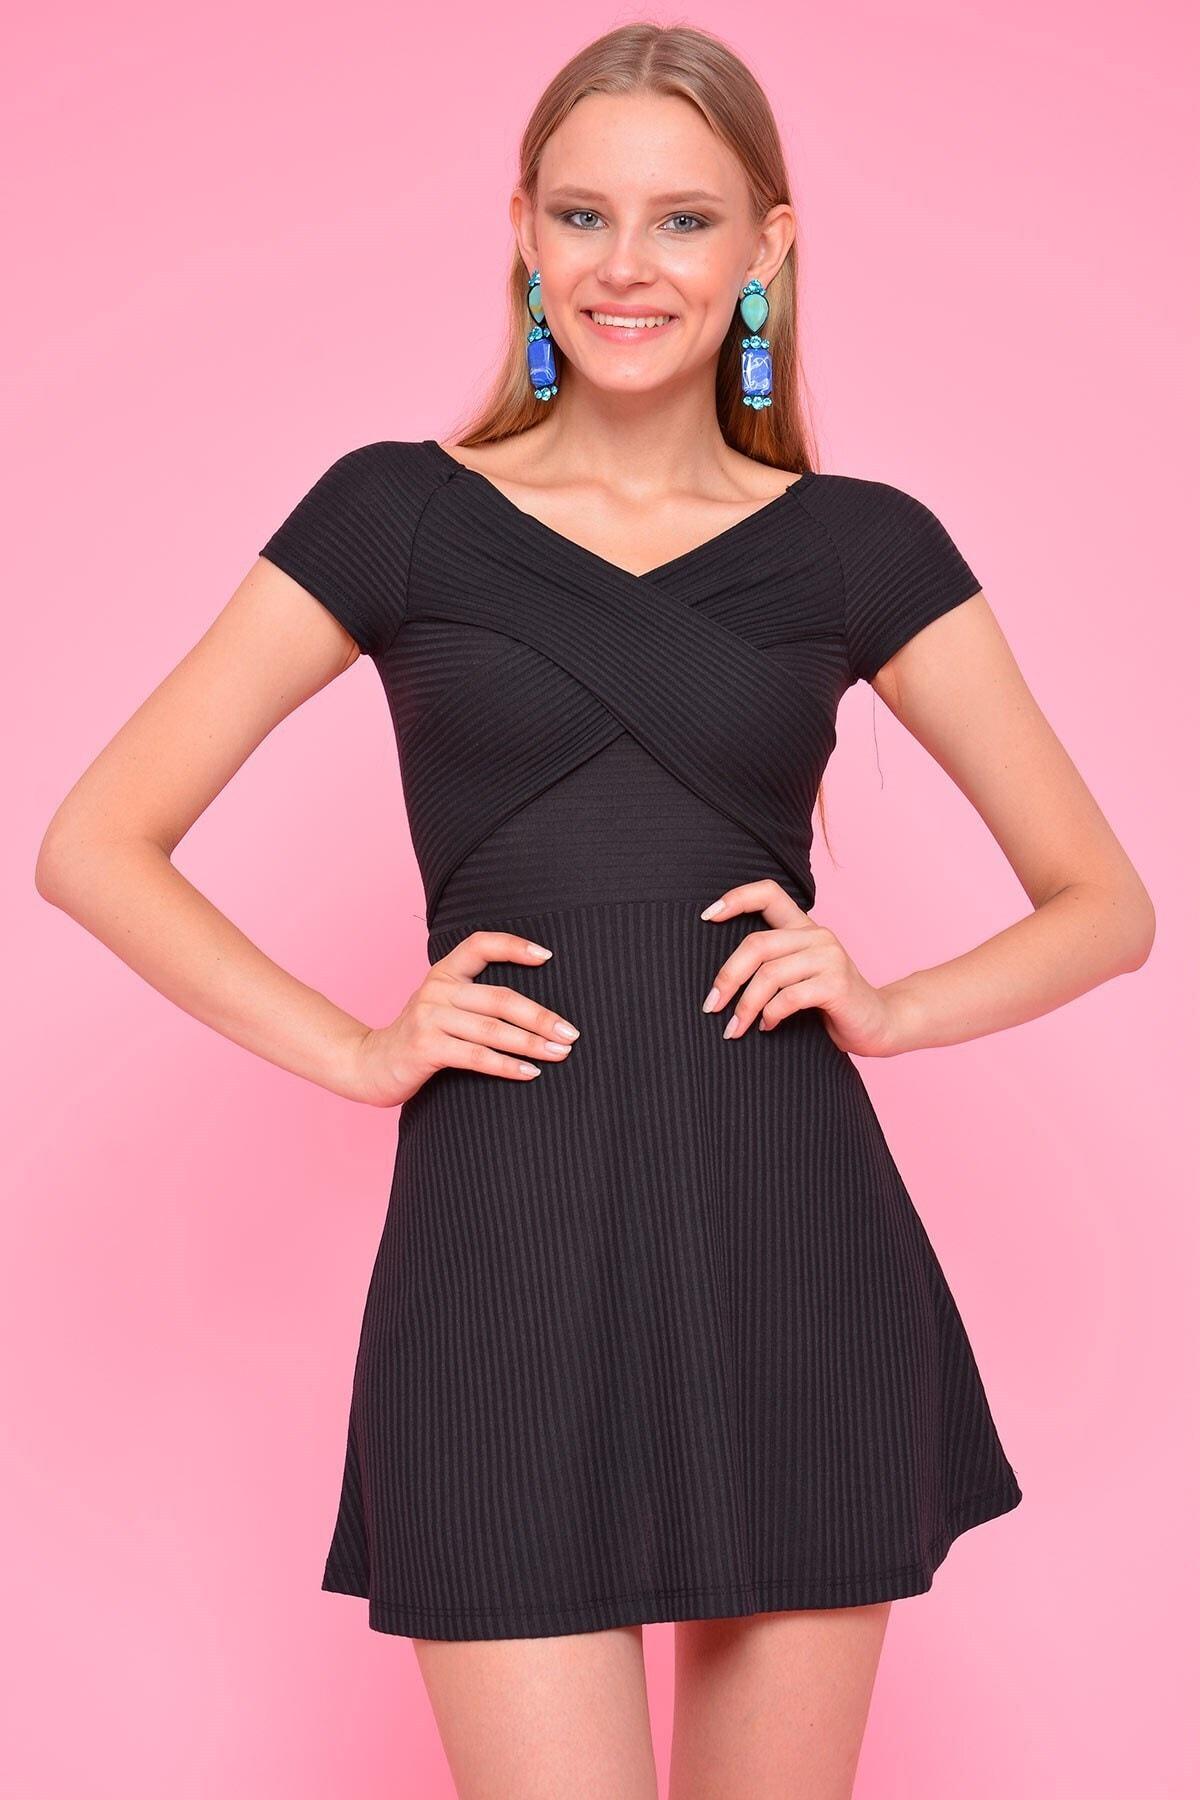 Mossta Kadın Siyah Bel Dekolteli Kaşkorse Elbise 1